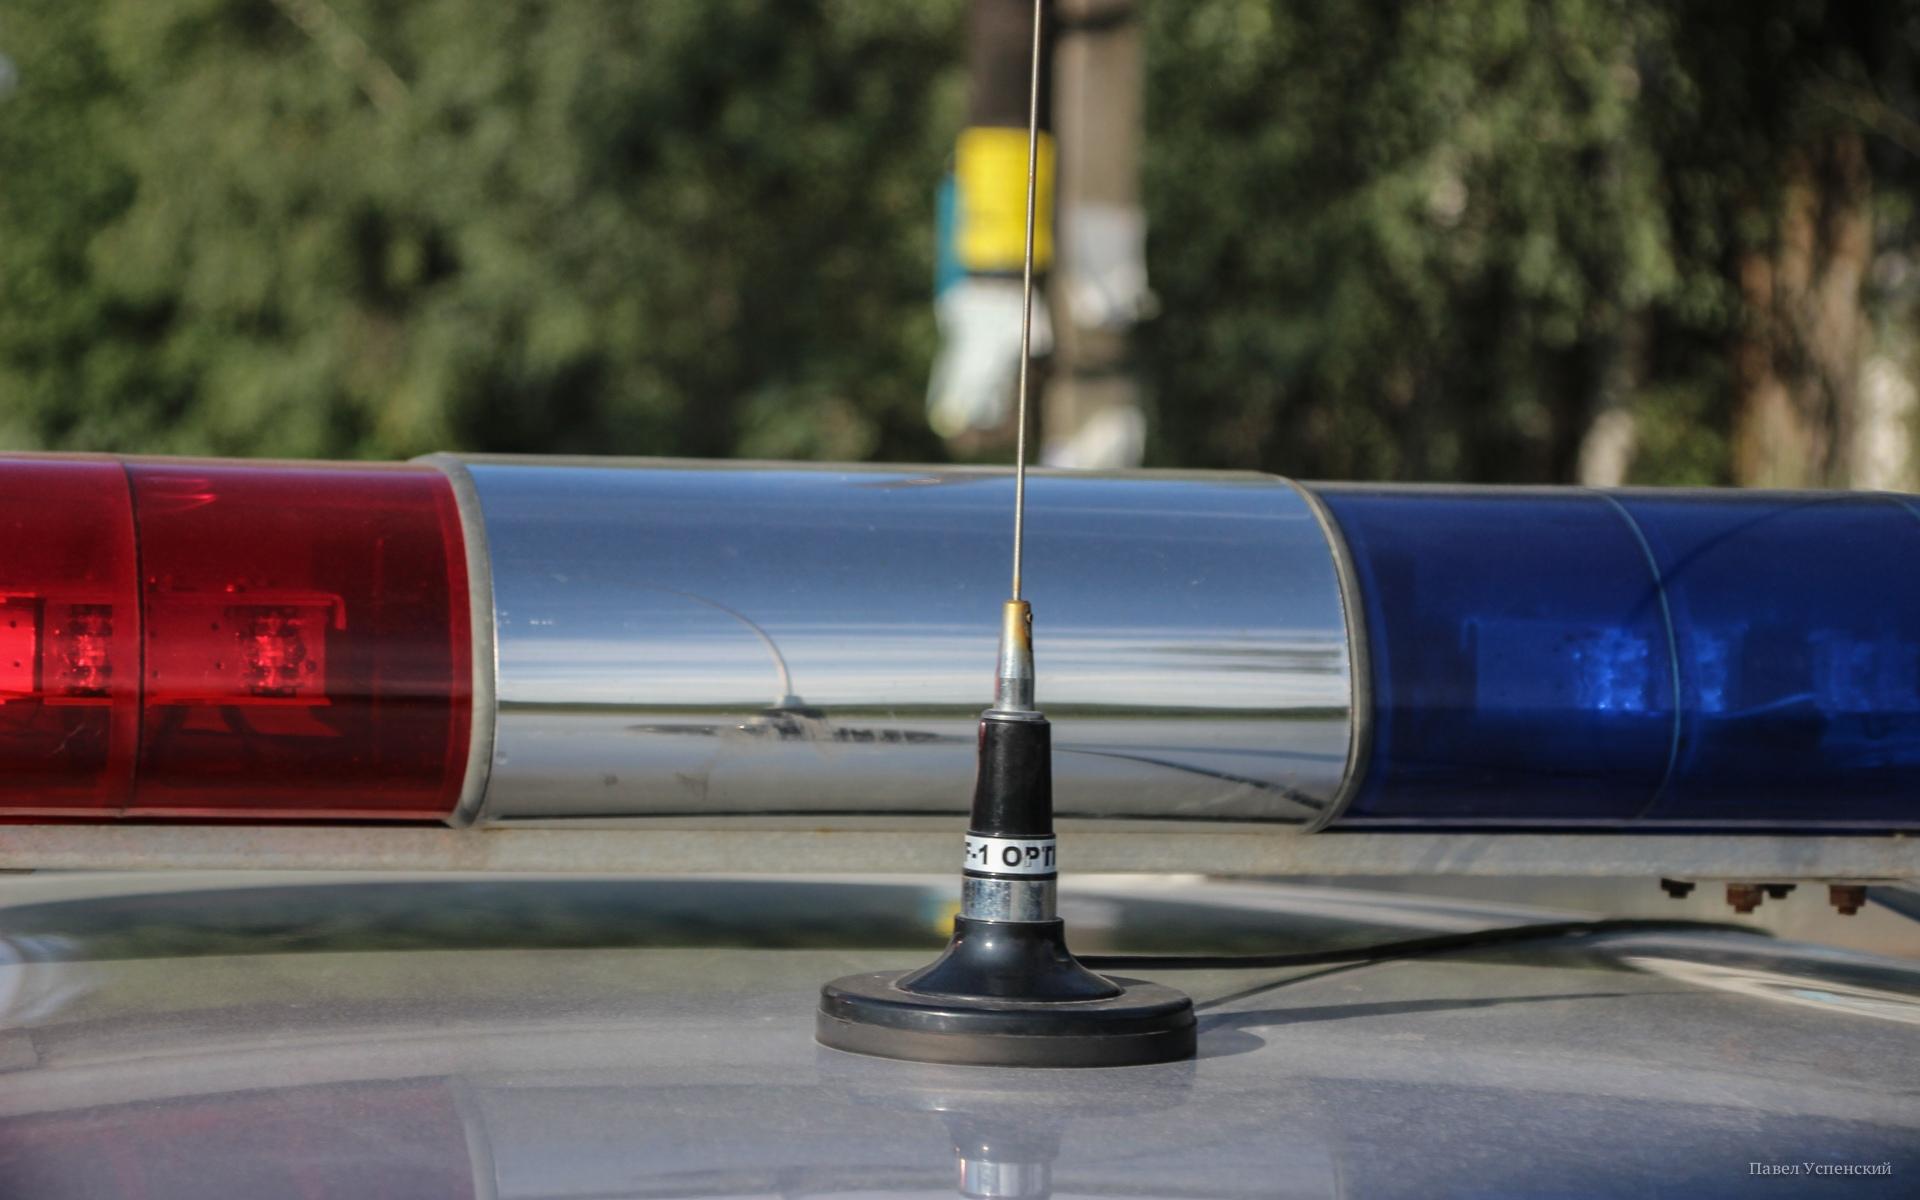 В Тверской области из-за лобового ДТП по вине пьяного водителя пострадали два человека - новости Афанасий